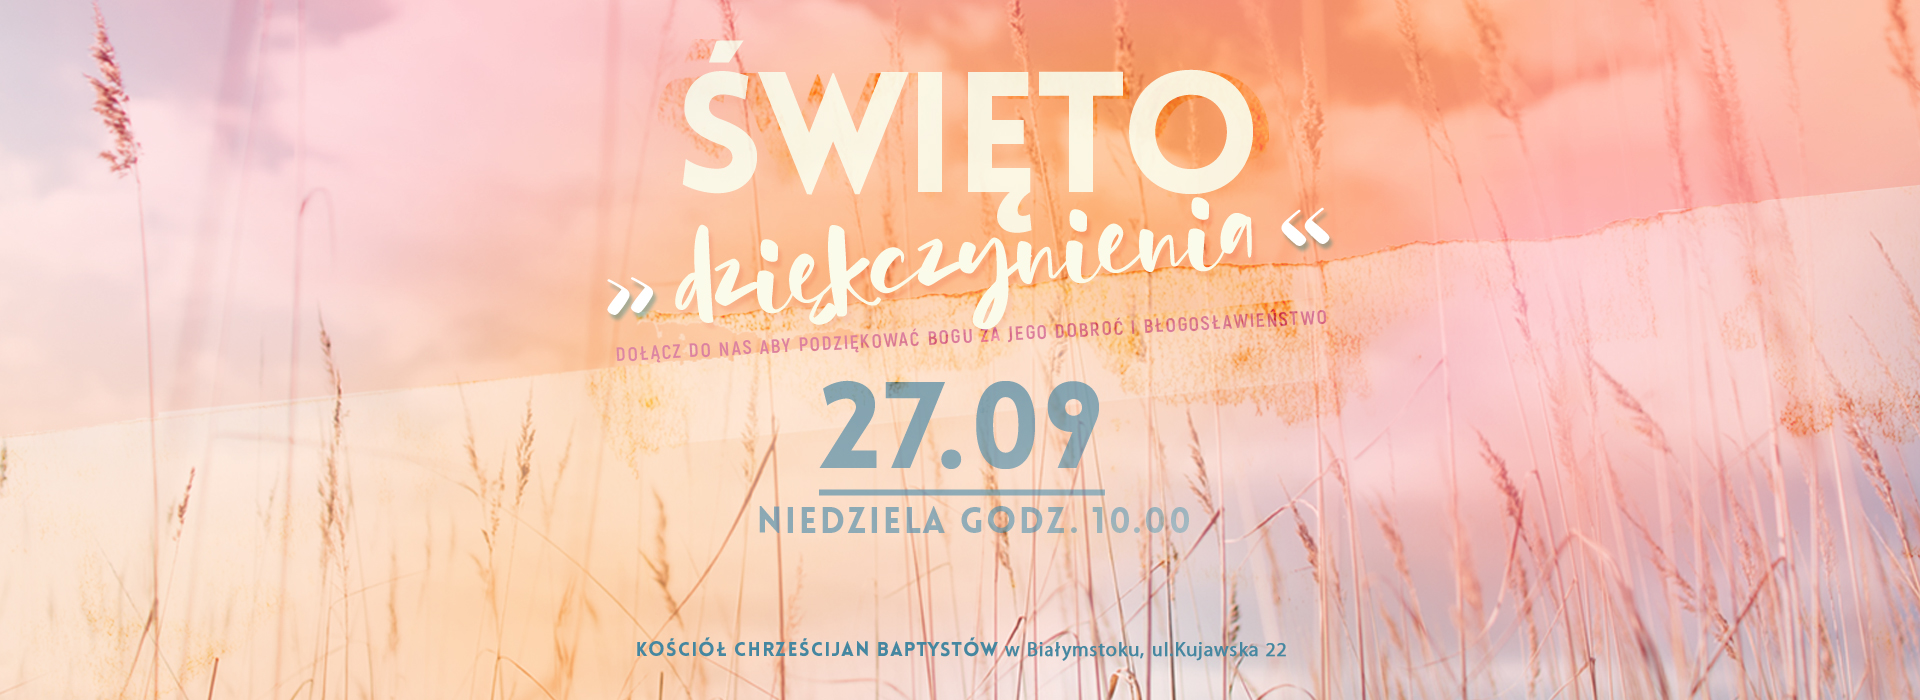 swieto_zniw_27_09_2020